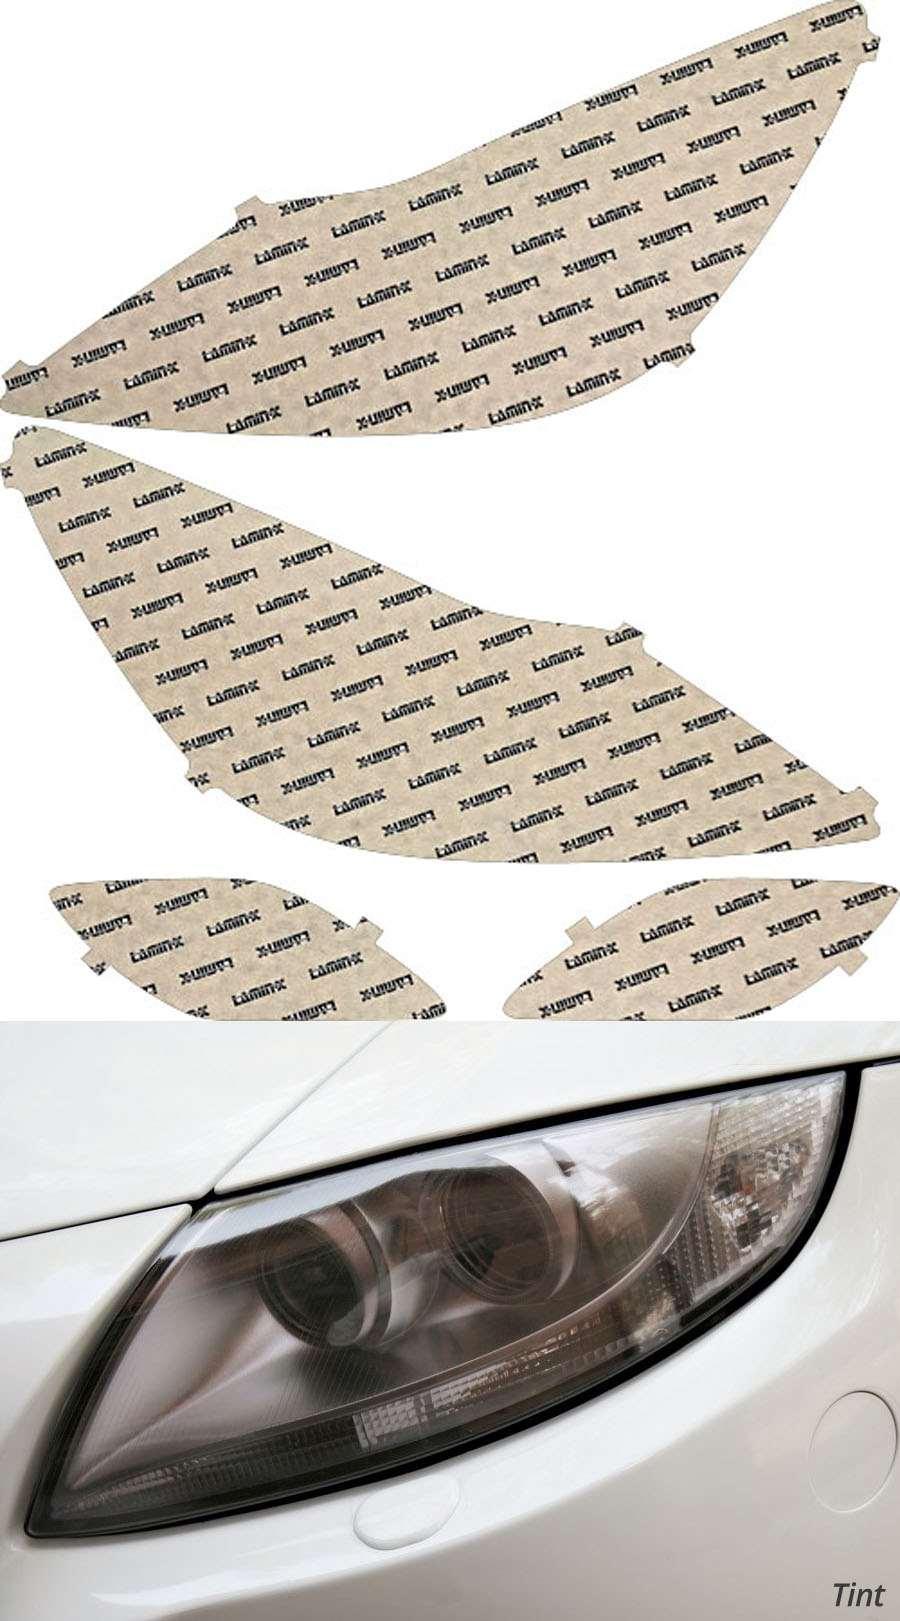 Hyundai Genesis Sedan 12-14 Tint Headlight Covers Lamin-X HY018T